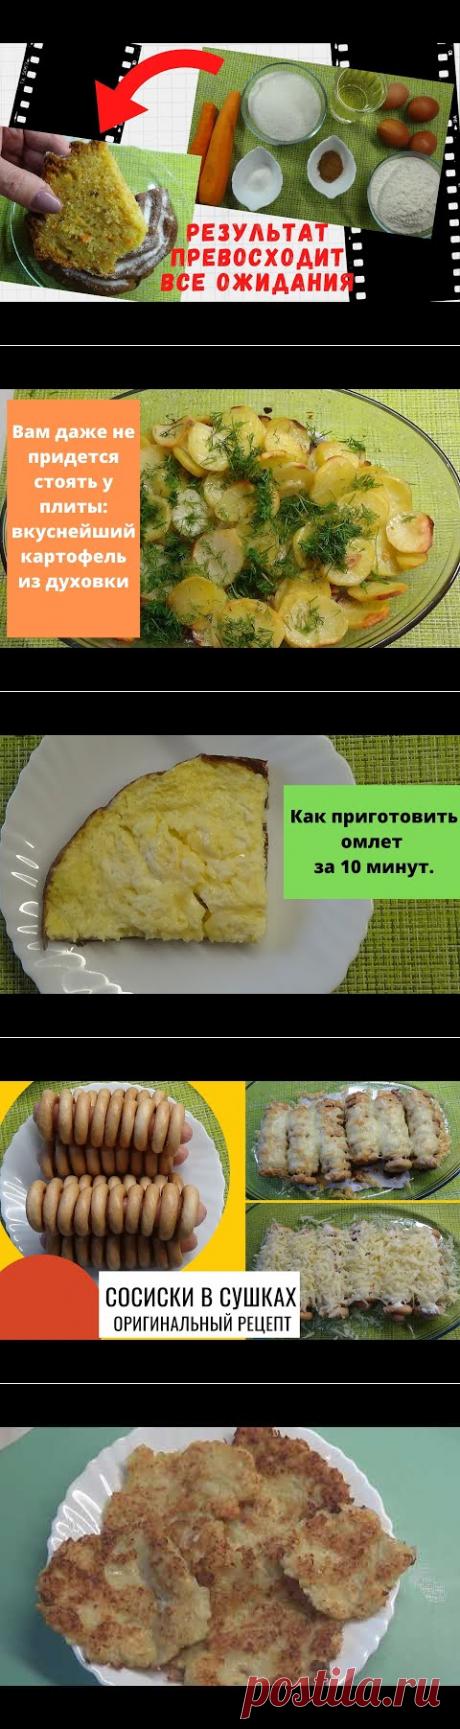 (1) Морковный кекс на растительном масле - результат превосходит все ожидания - YouTube